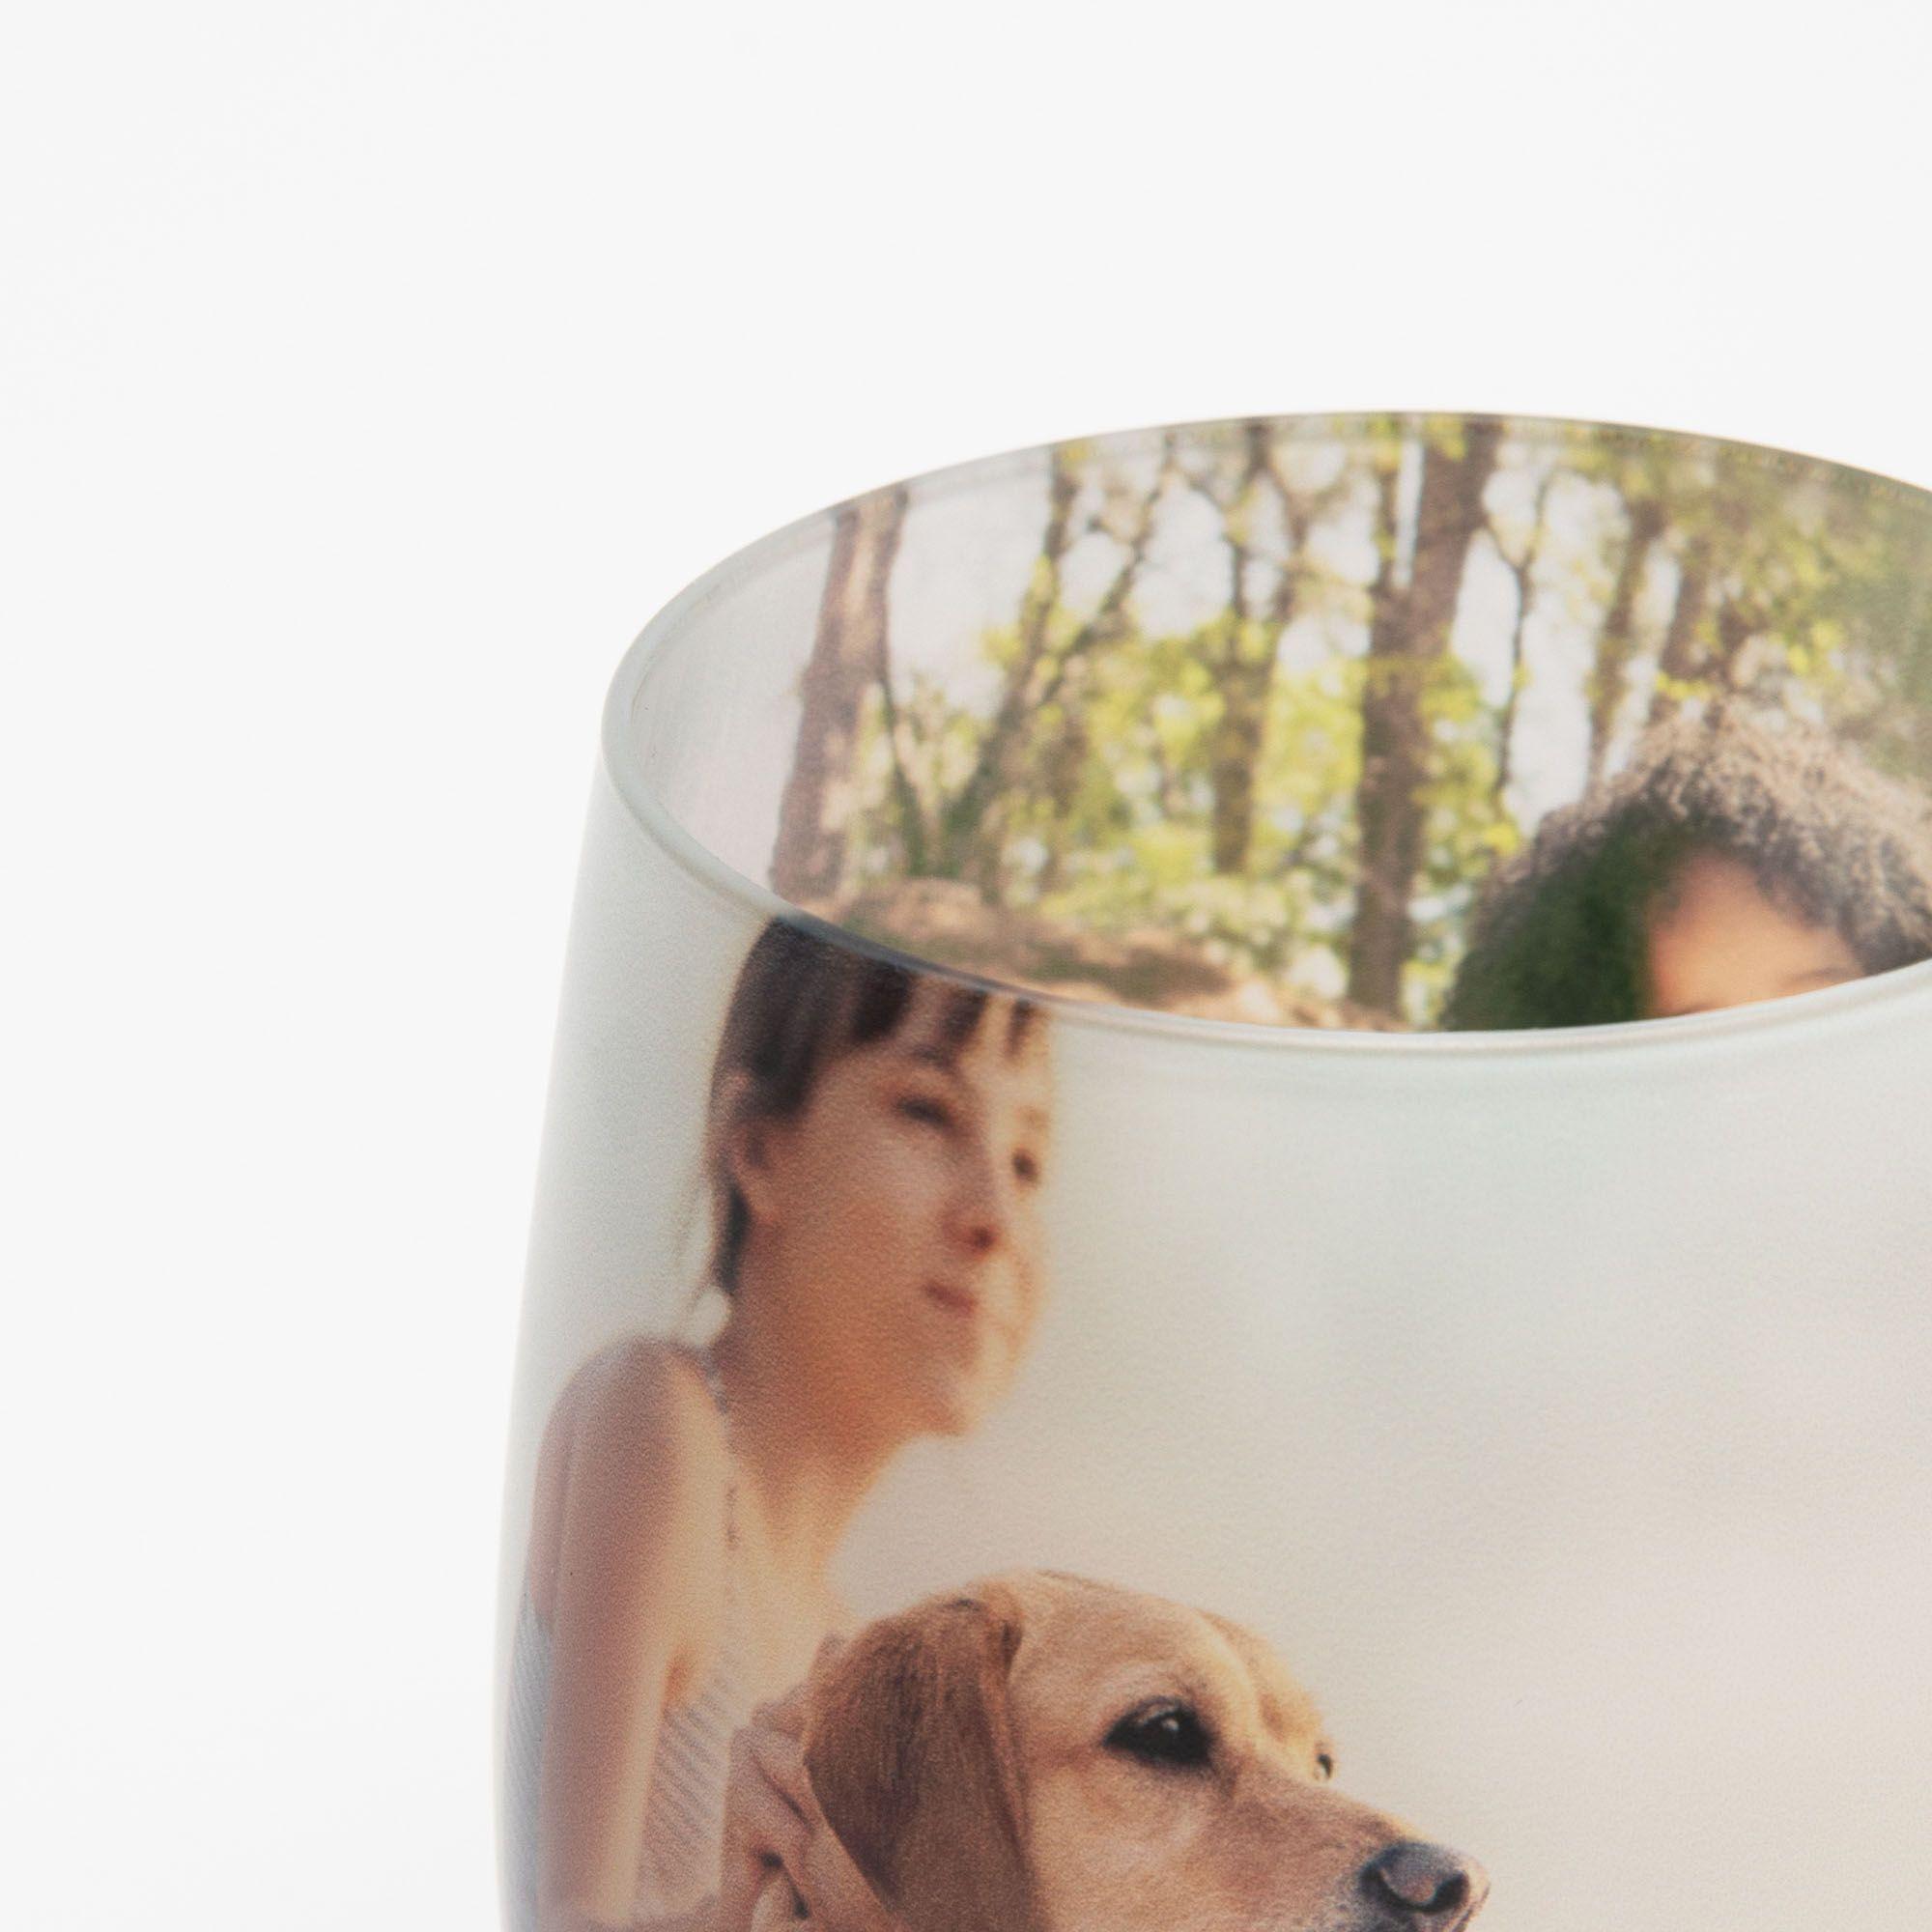 Kristallglas mit eigenen Fotos bedrucken